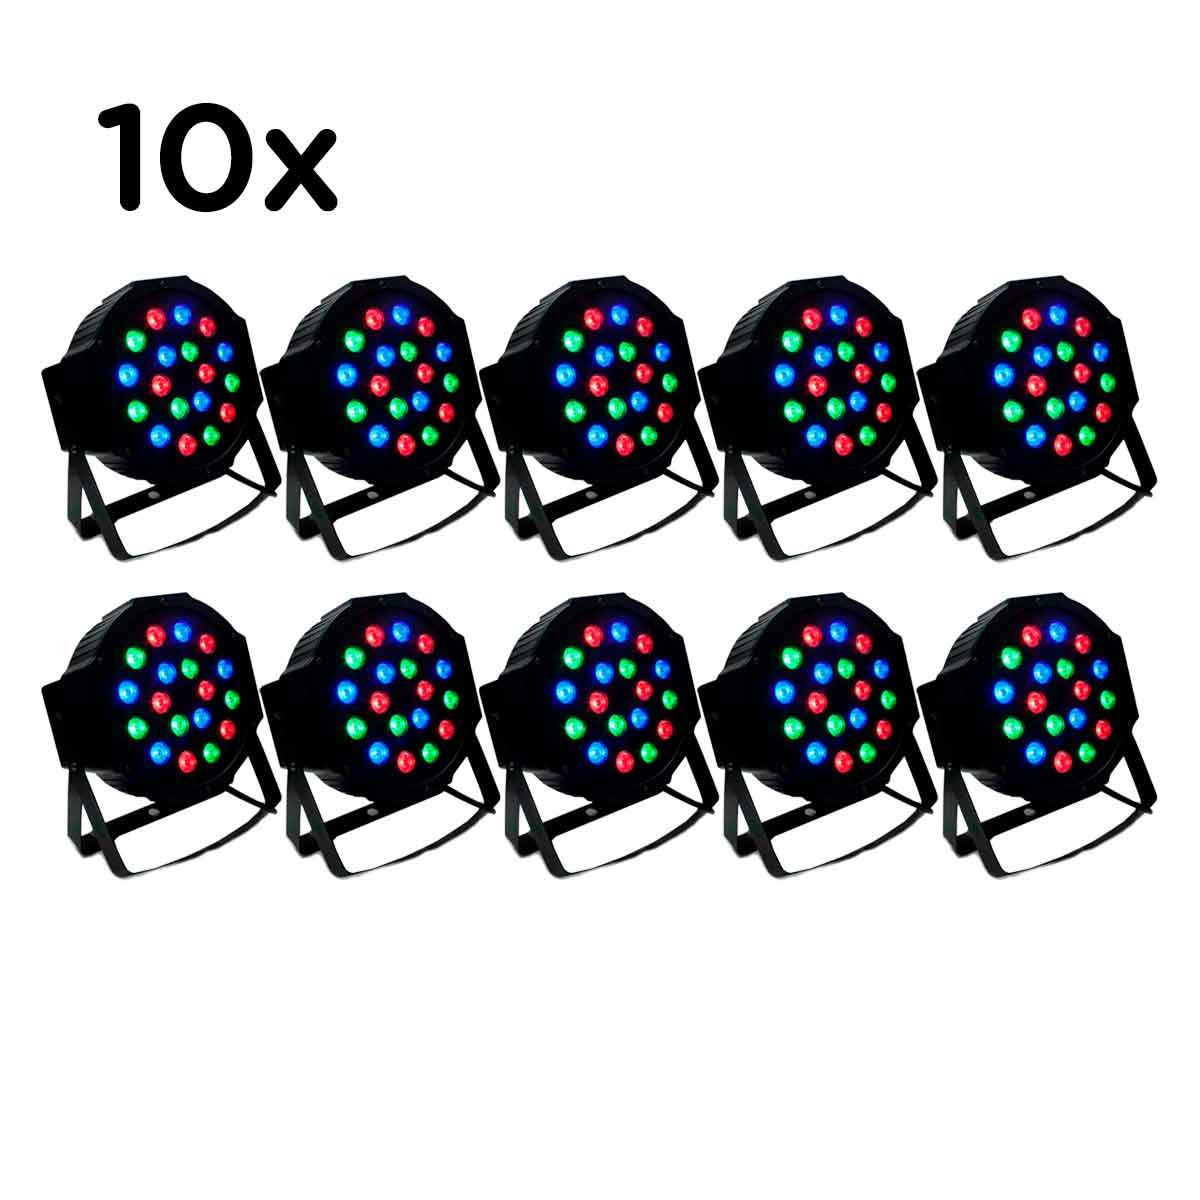 10 Canhão Refletor Led 18 Leds Rgb Bivolt Dmx Digital Strobo